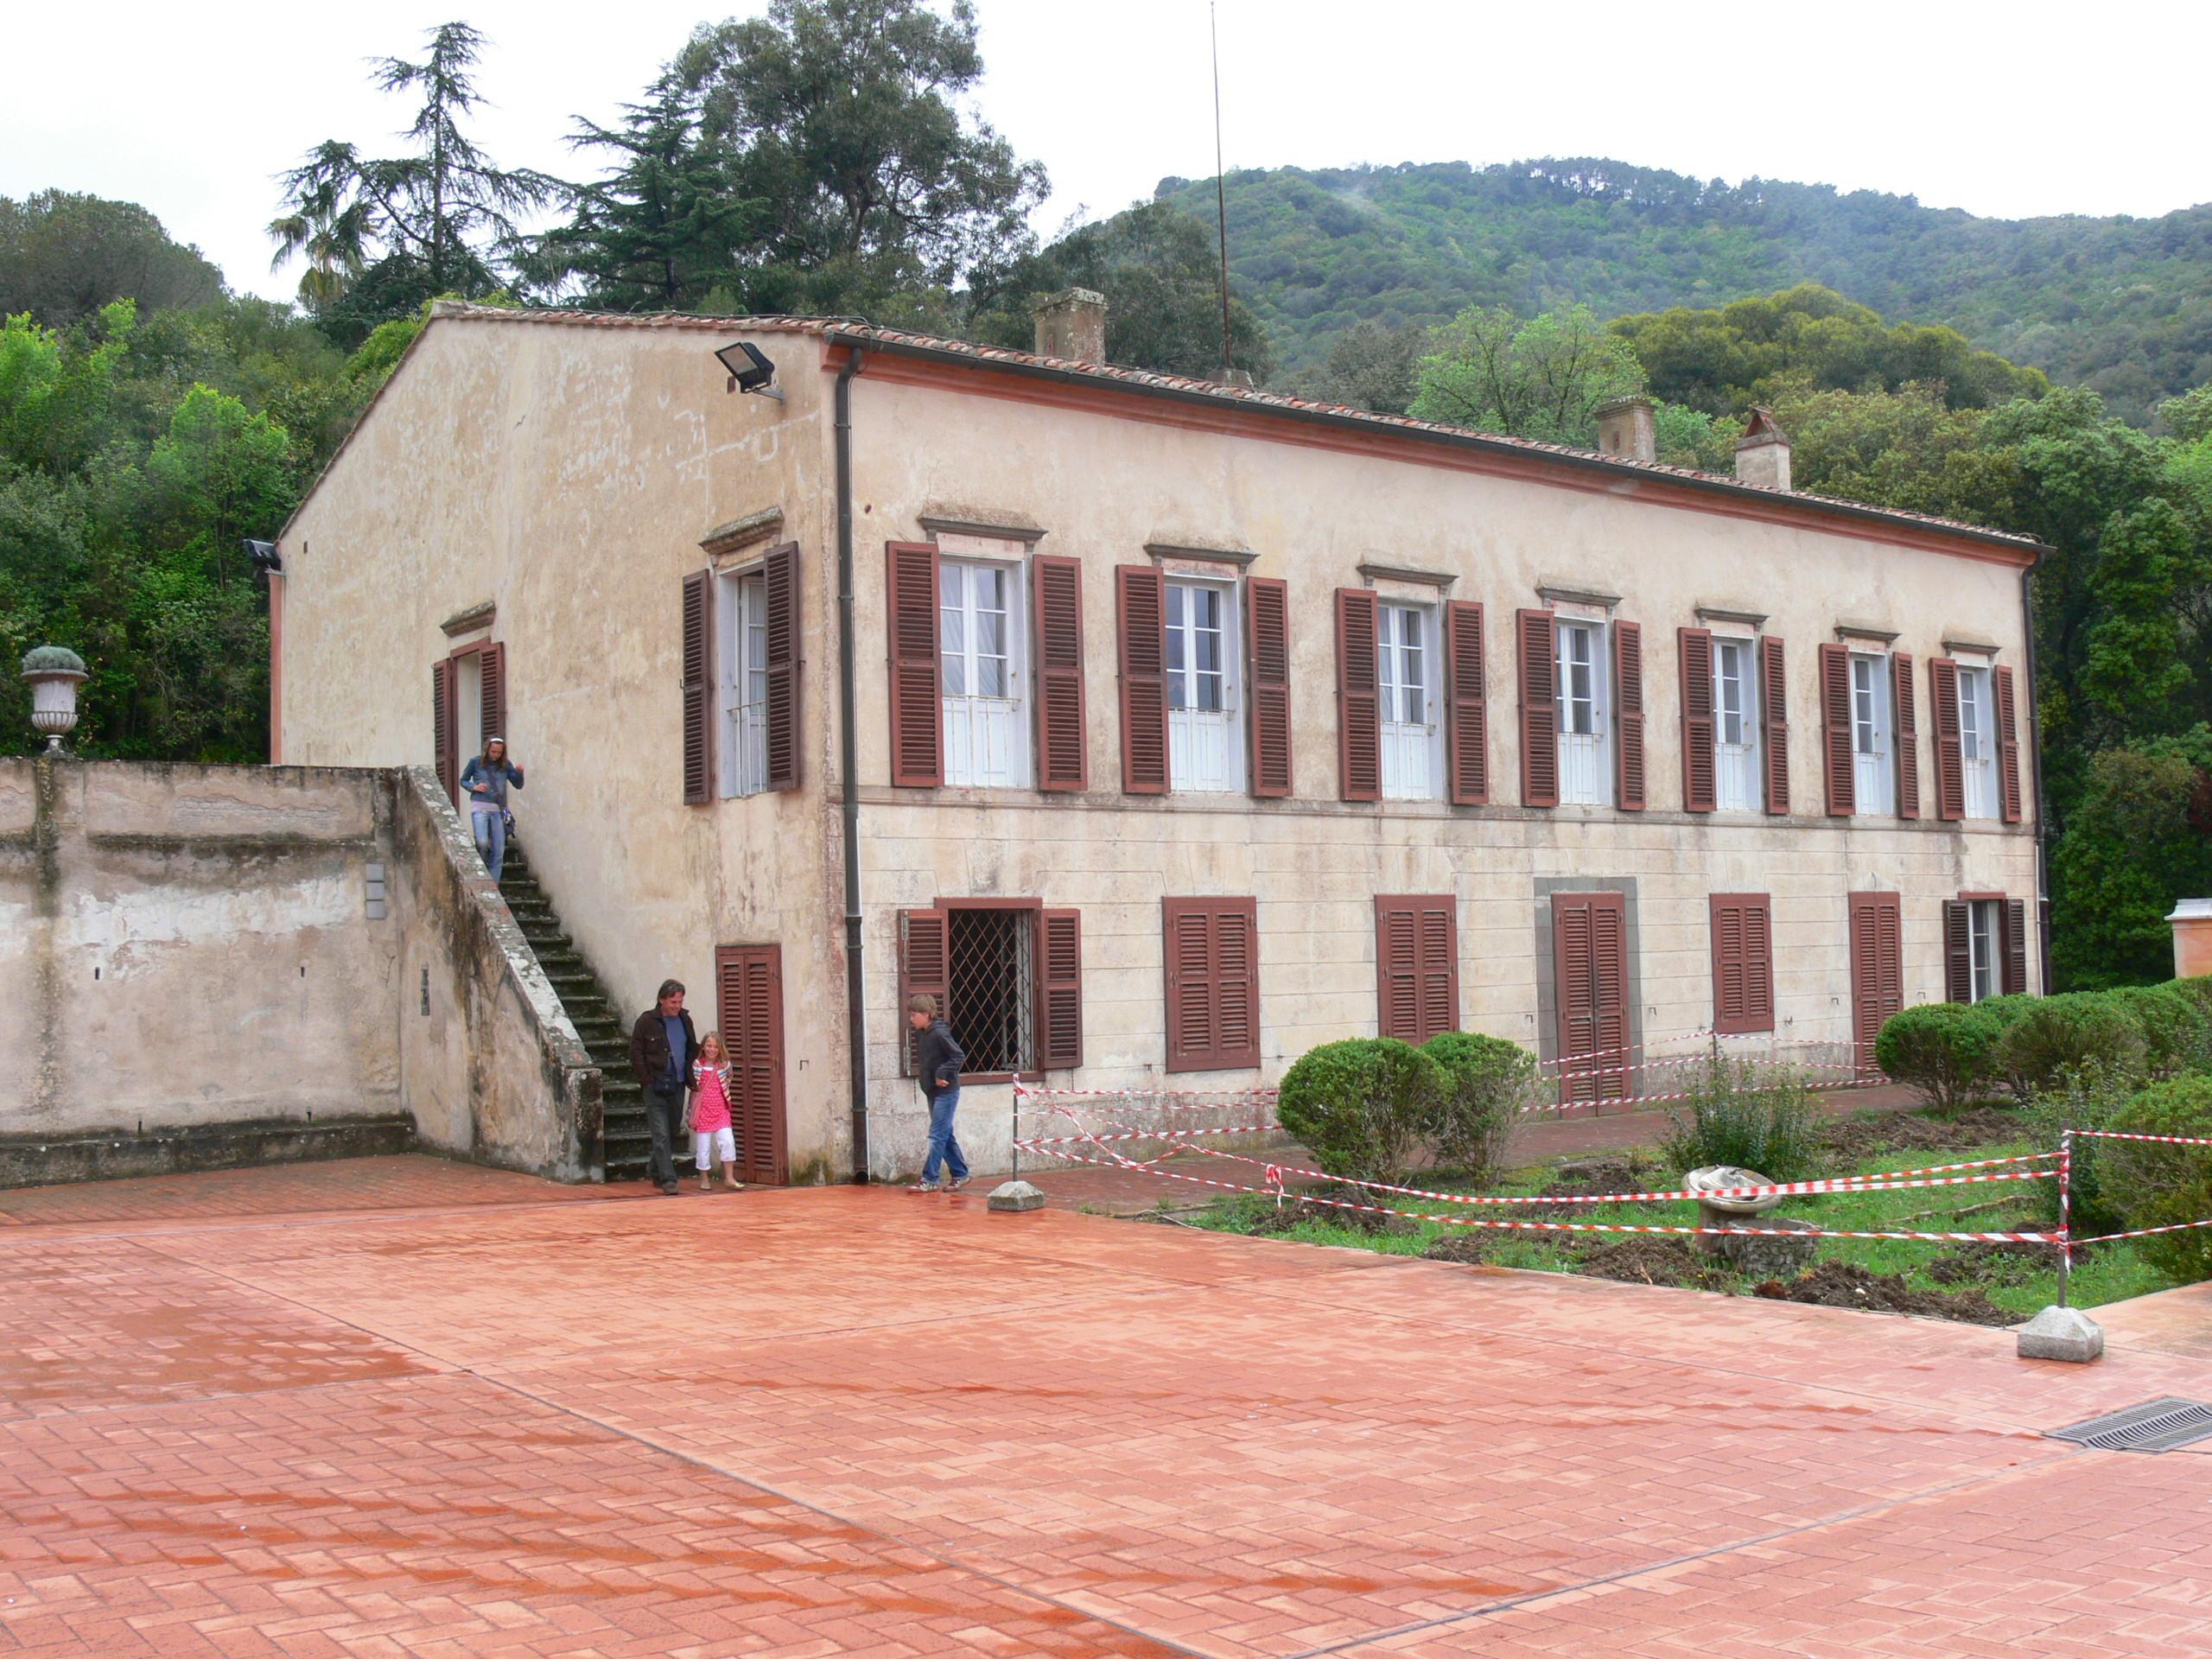 Innenarchitektur Fassade Haus Galerie Von File:san Martino - Napoleons Fassade.jpg